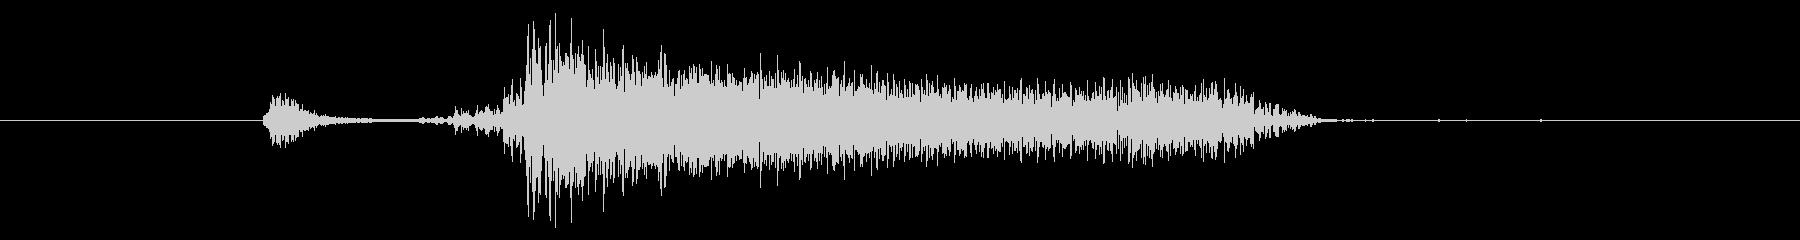 「ンチャー」というバンドのキメのみ演奏 の未再生の波形